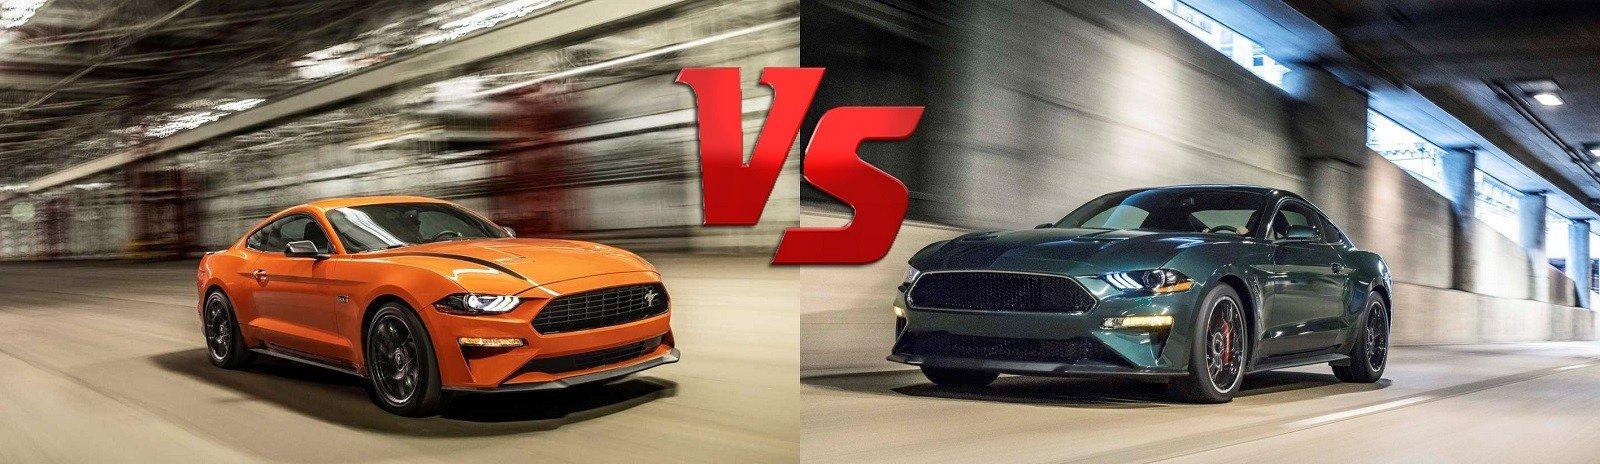 2020 Mustang GT vs Mustang Bullitt